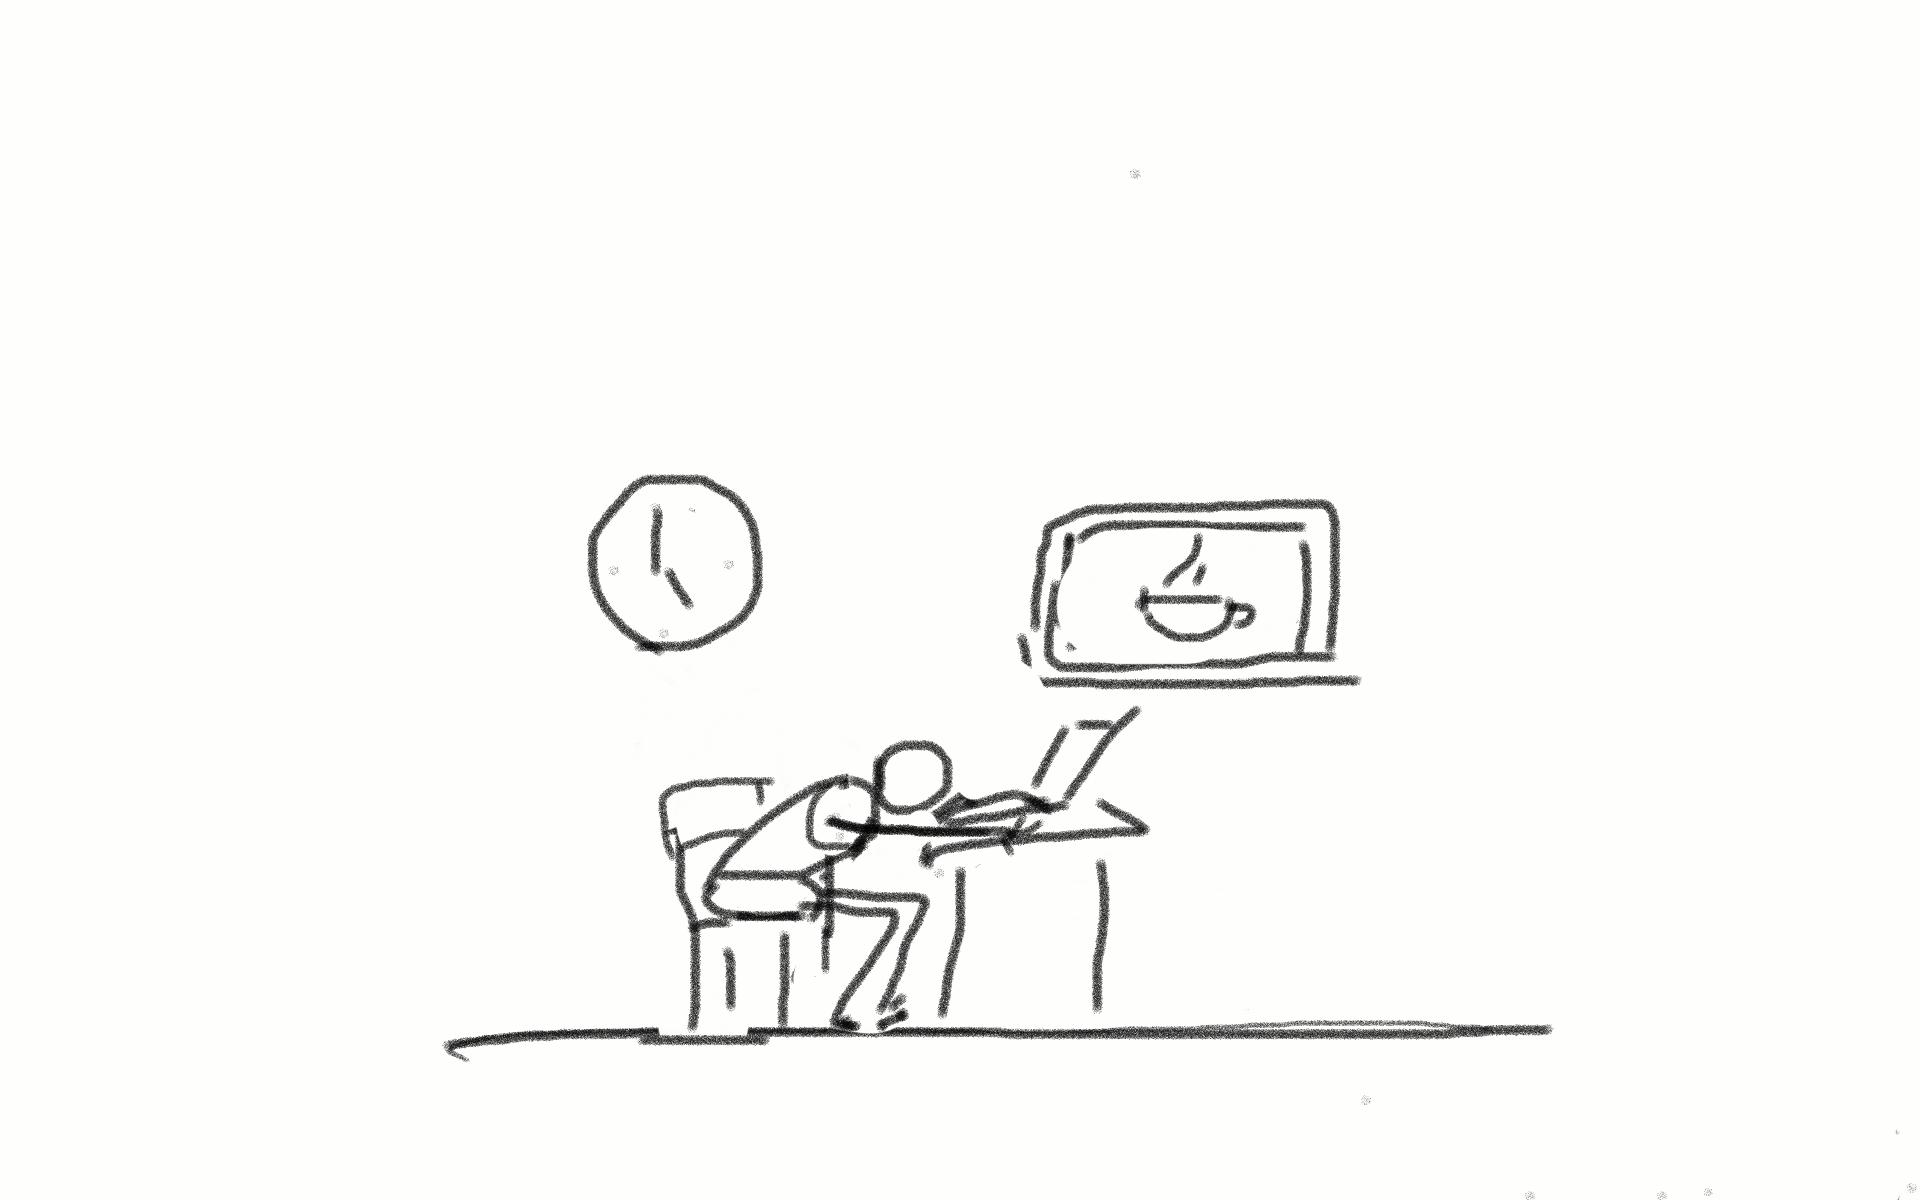 sketch-1519416975078